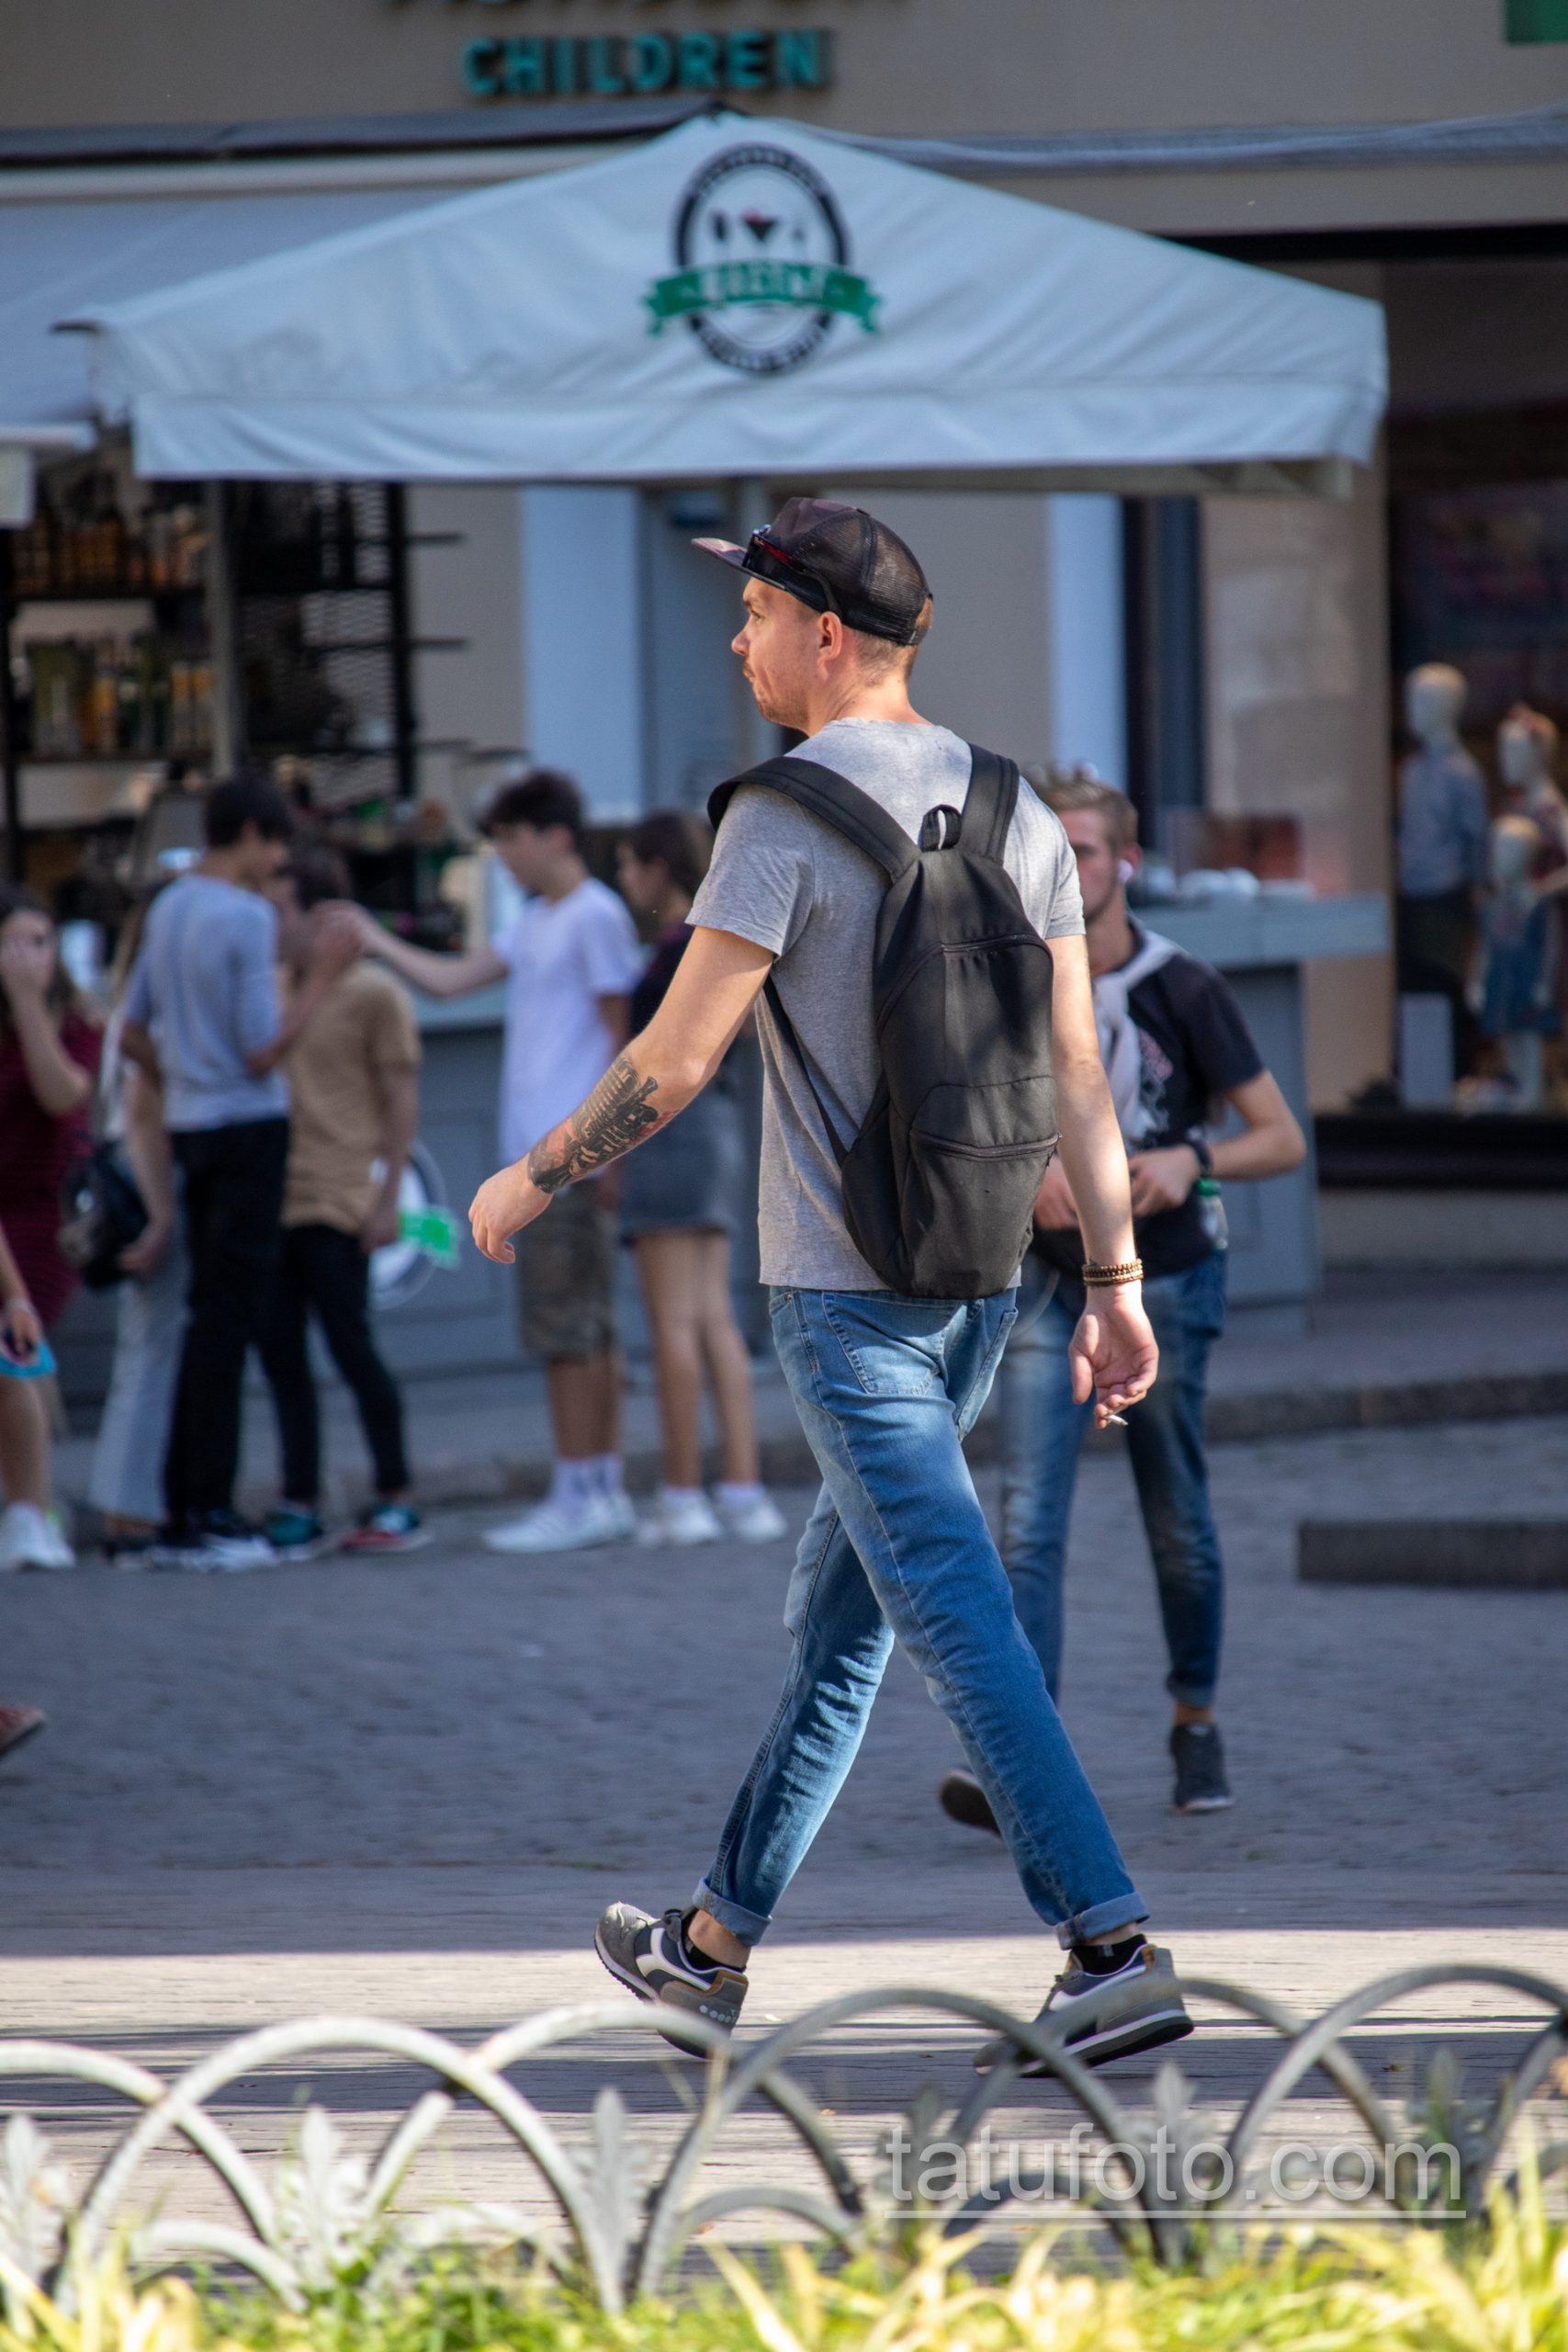 Черно-красная музыкальная тату с трубой и микрофоном на правой руке парня - Уличная татуировка 14.09.2020 – tatufoto.com 1